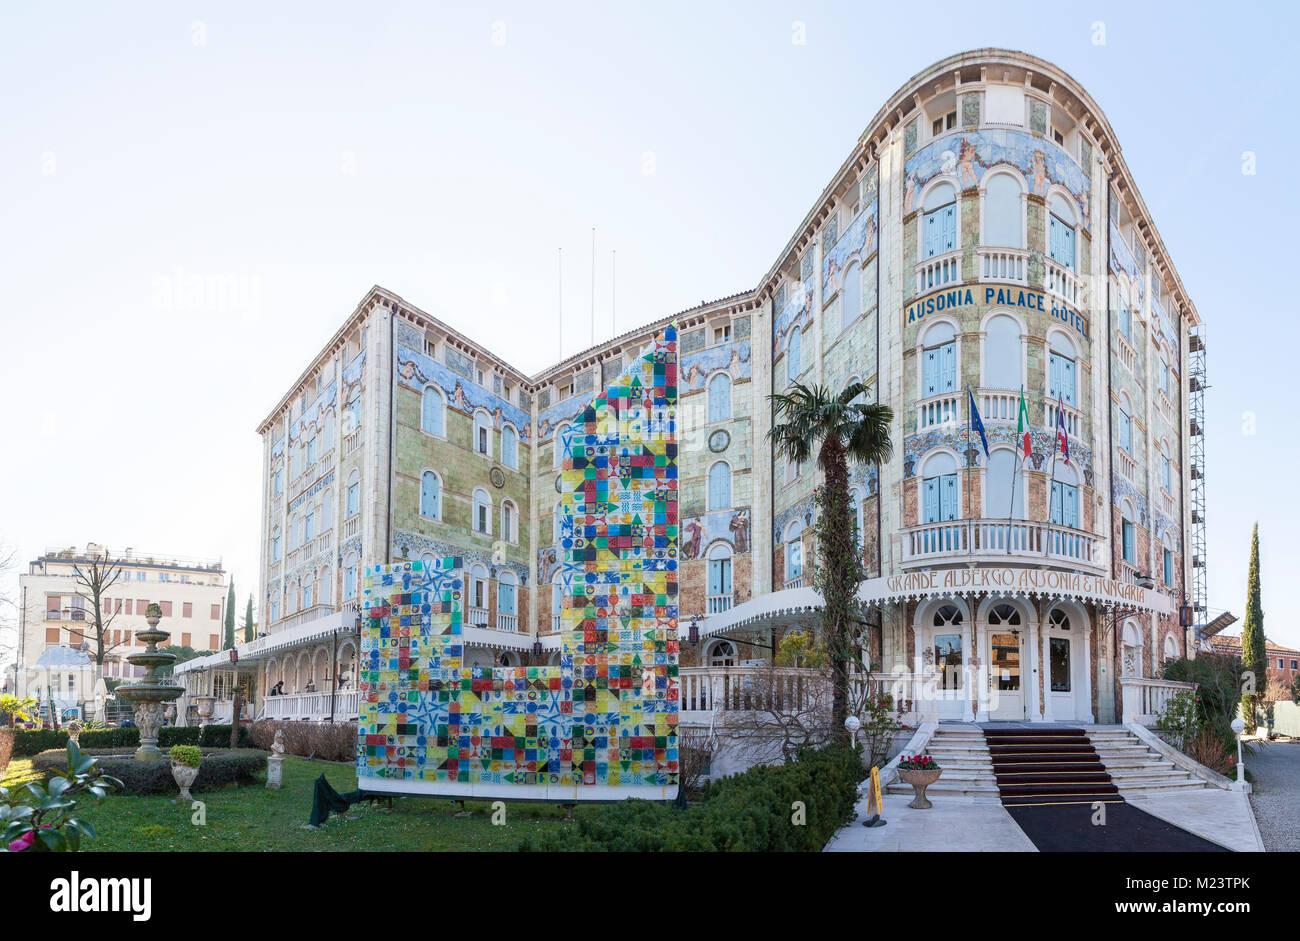 Lo stile Liberty Ausonia Palace Hotel, Grande Albergo AUSONIA e Hungaria, Lido di Venezia, Venezia, Italia con il Immagini Stock